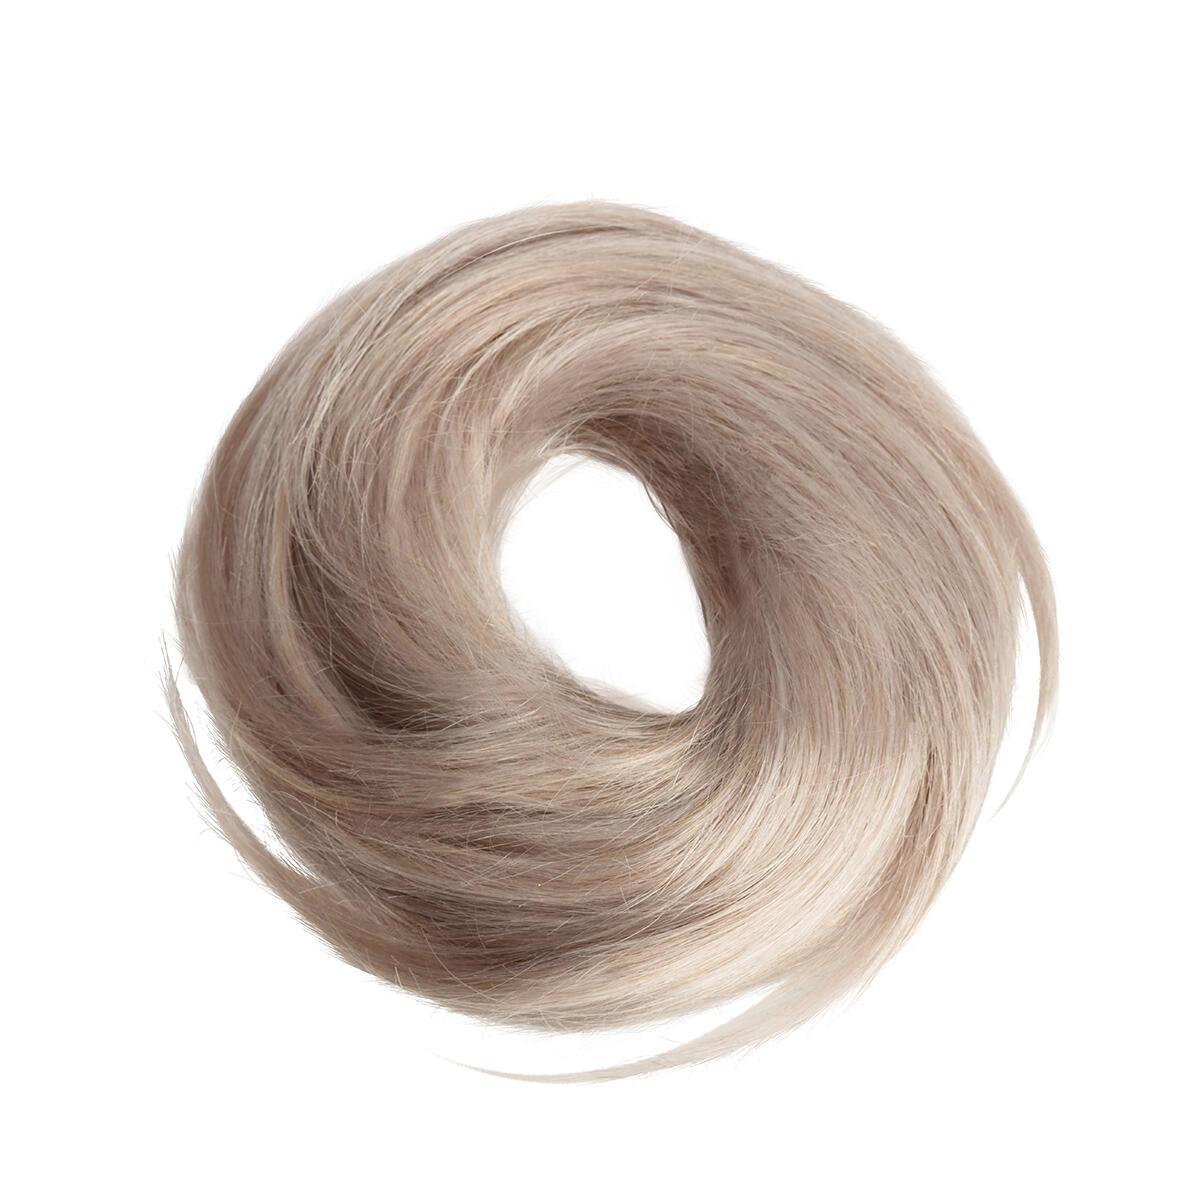 Volume Hair Scrunchie Original 40 g 10.5 Grey 0 cm